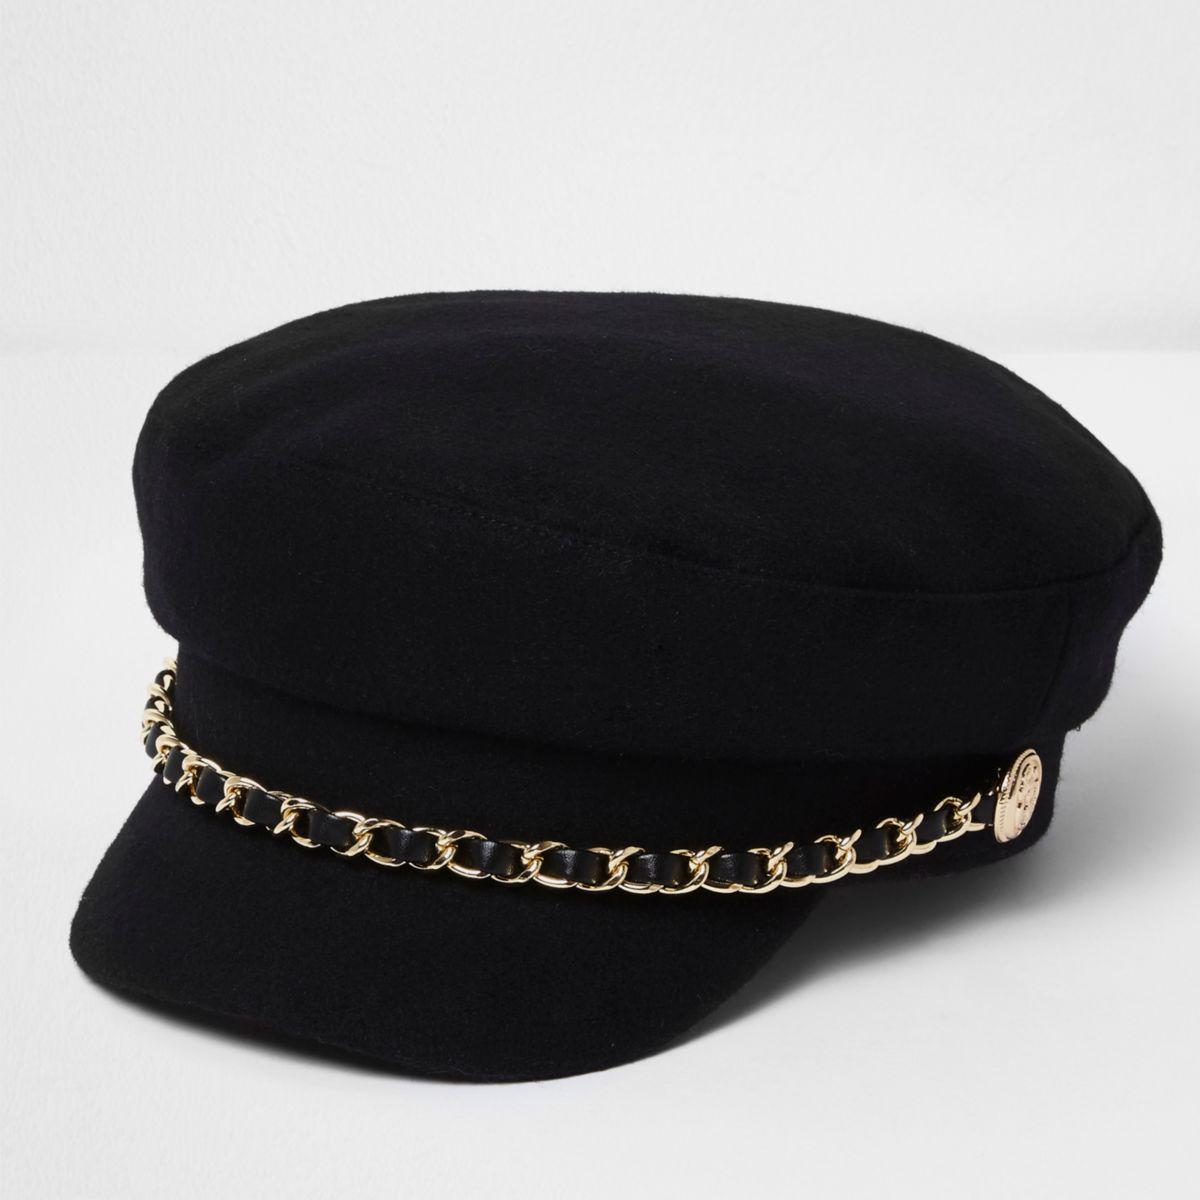 Zwarte bakerboy-pet met ketting langs de rand